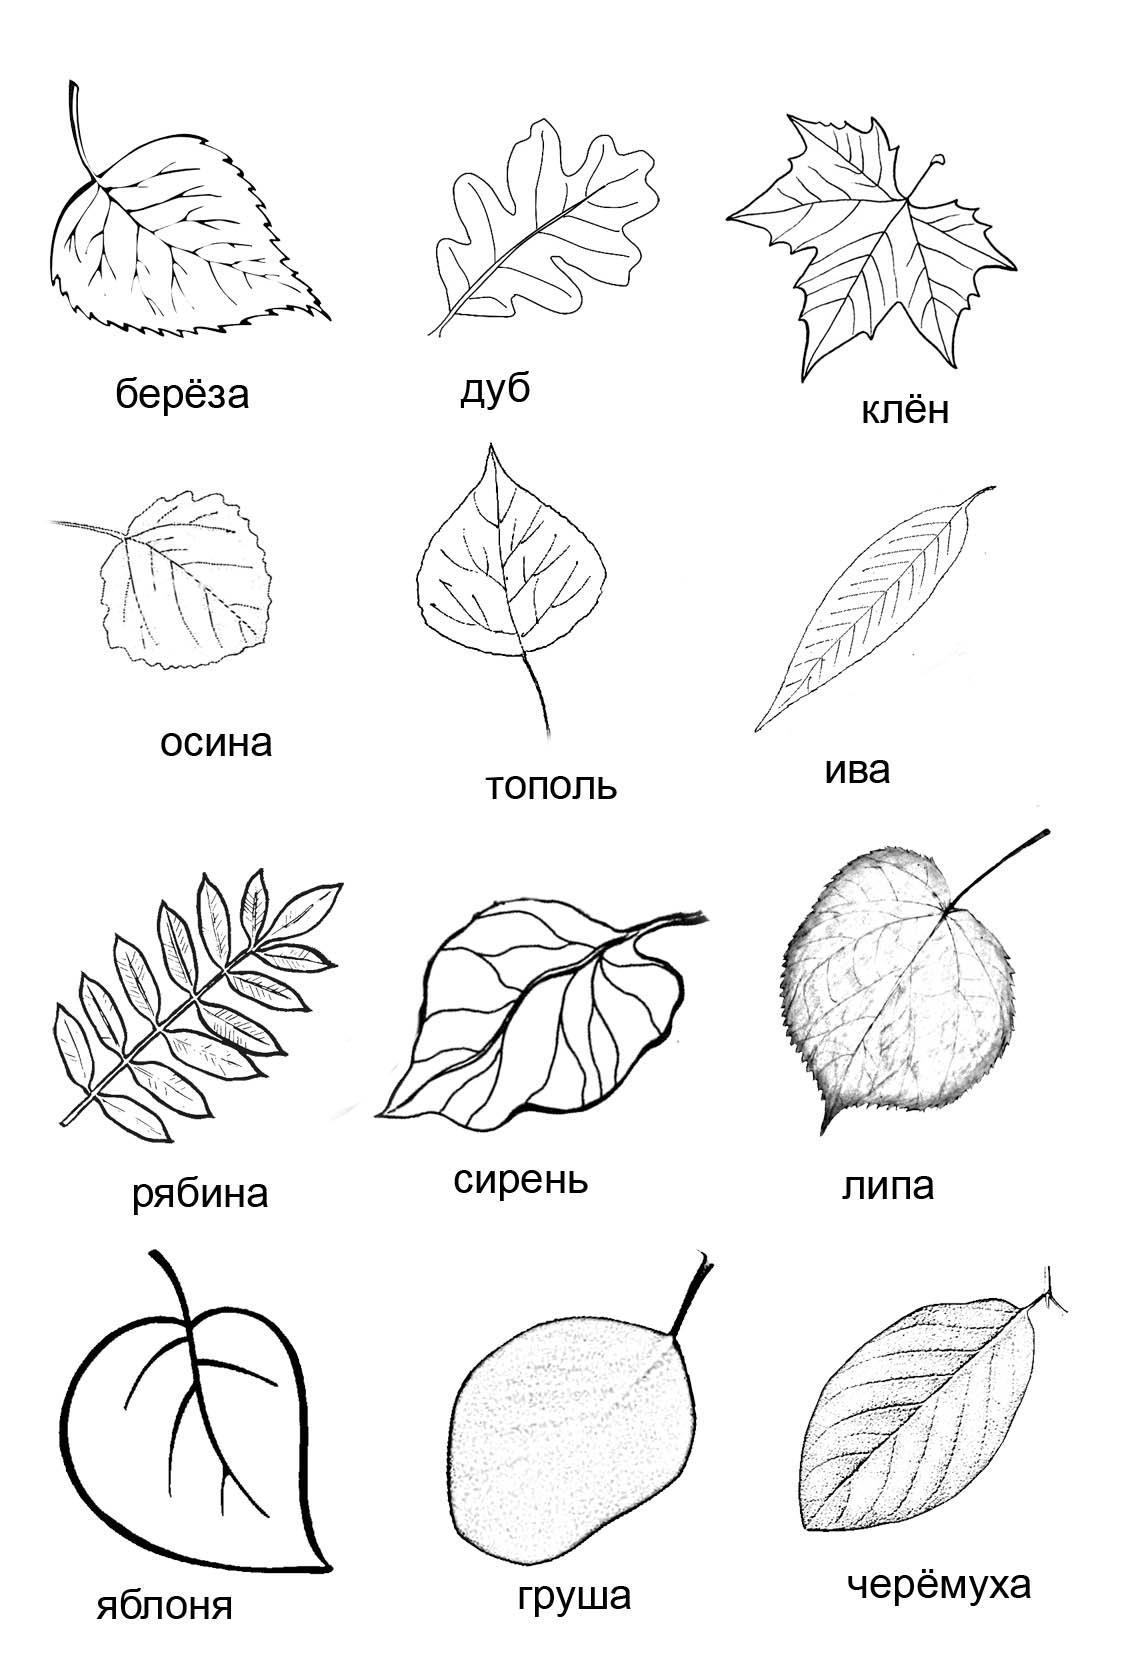 поможет картинки листов клена березы дуба своем микроблоге весьма